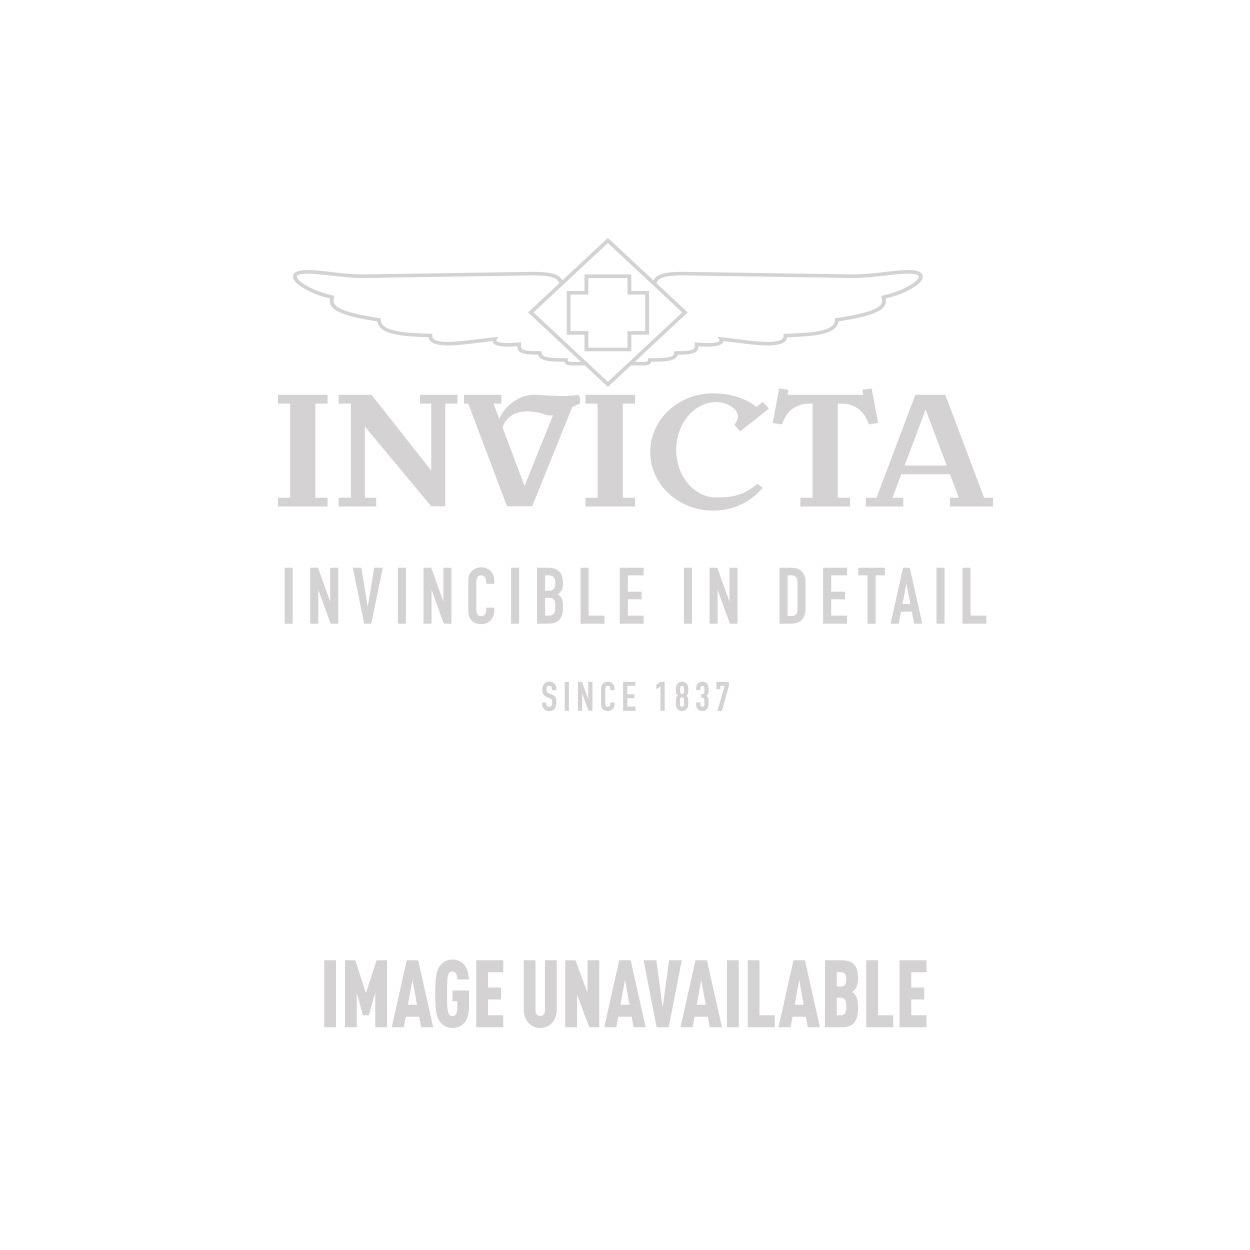 Invicta Model 27377